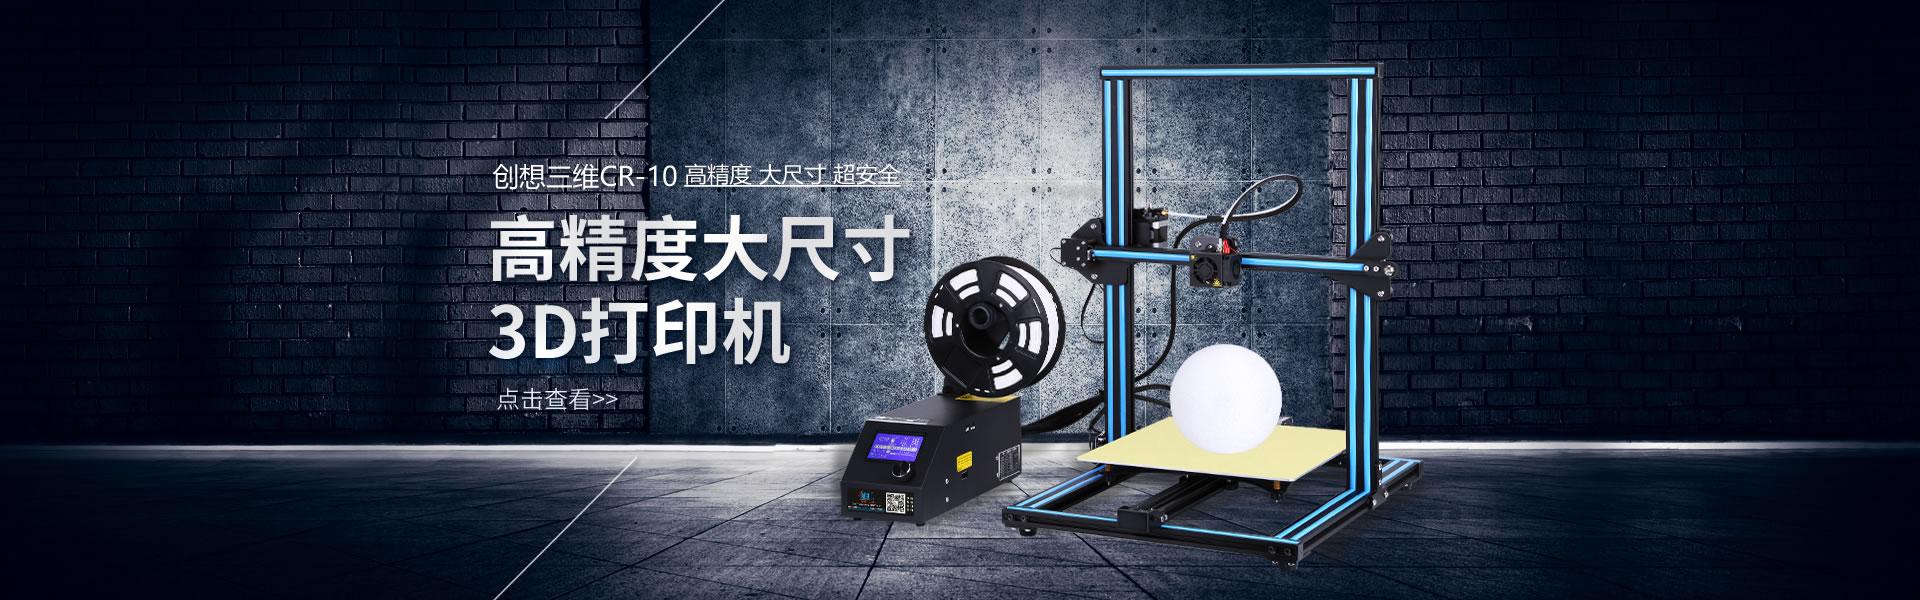 CR-10 DIY大尺寸3D打印机